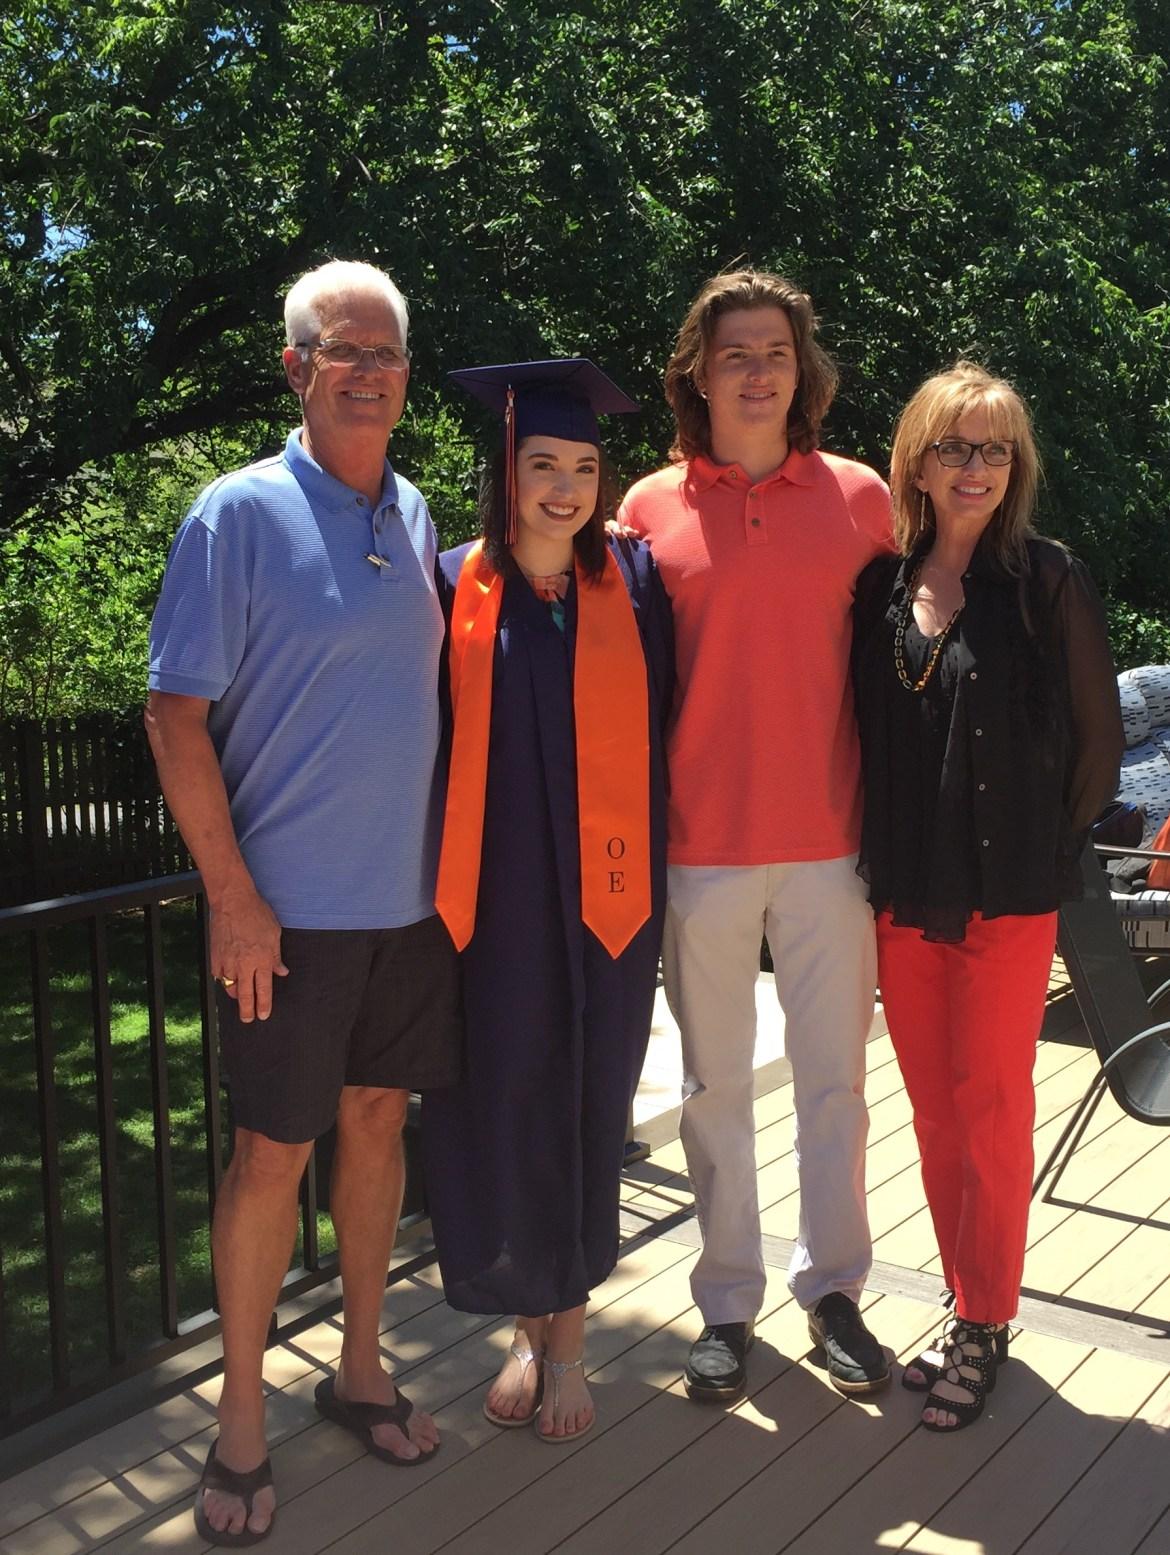 family grad picture